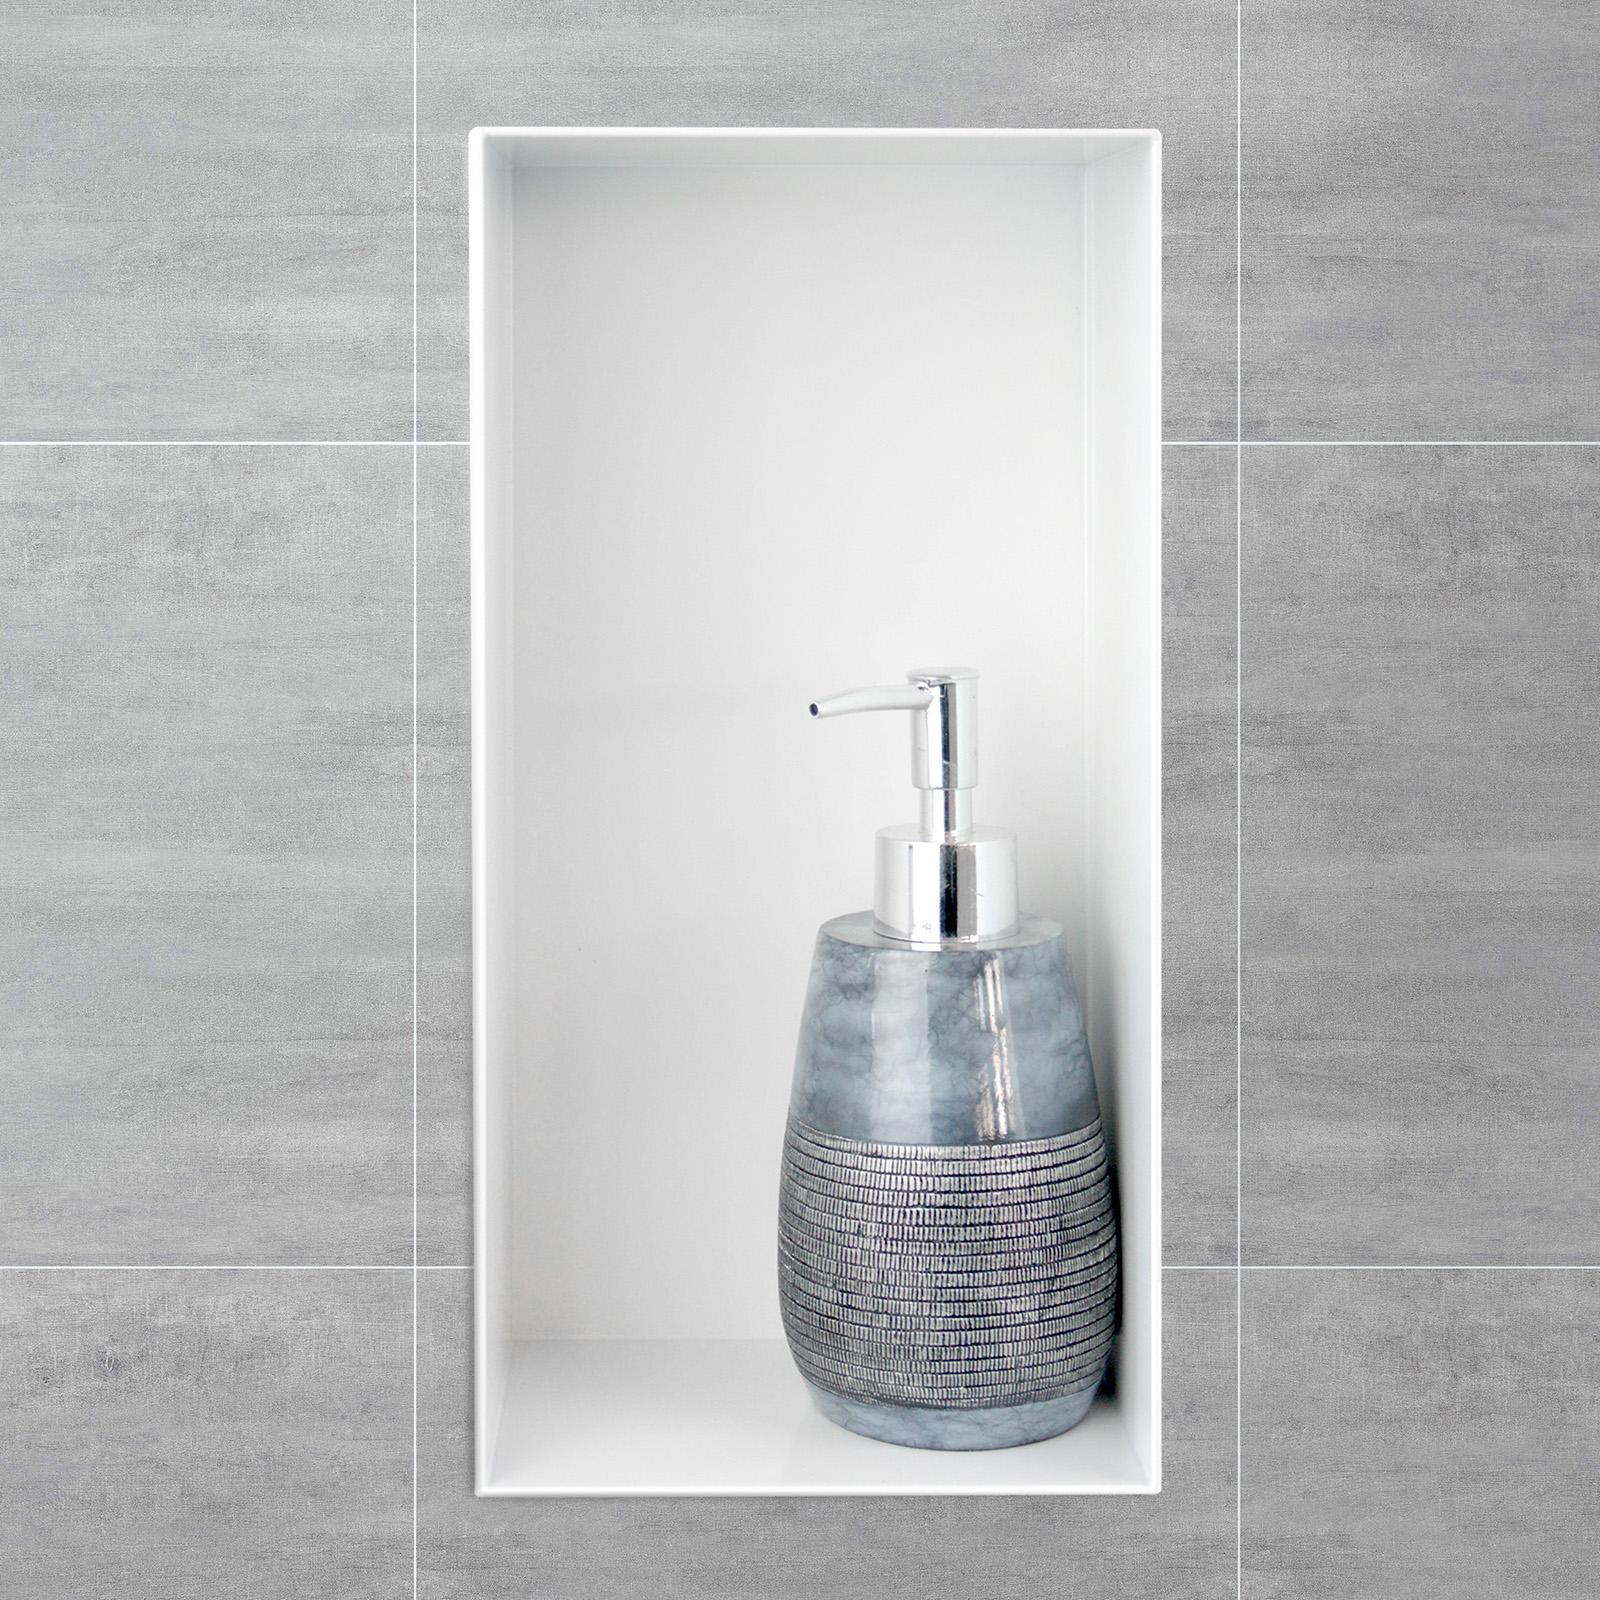 BERNSTEIN Wandnische aus Edelstahl BS153010 randlos - 15 x 30 x 10 cm - Farbe wählbar